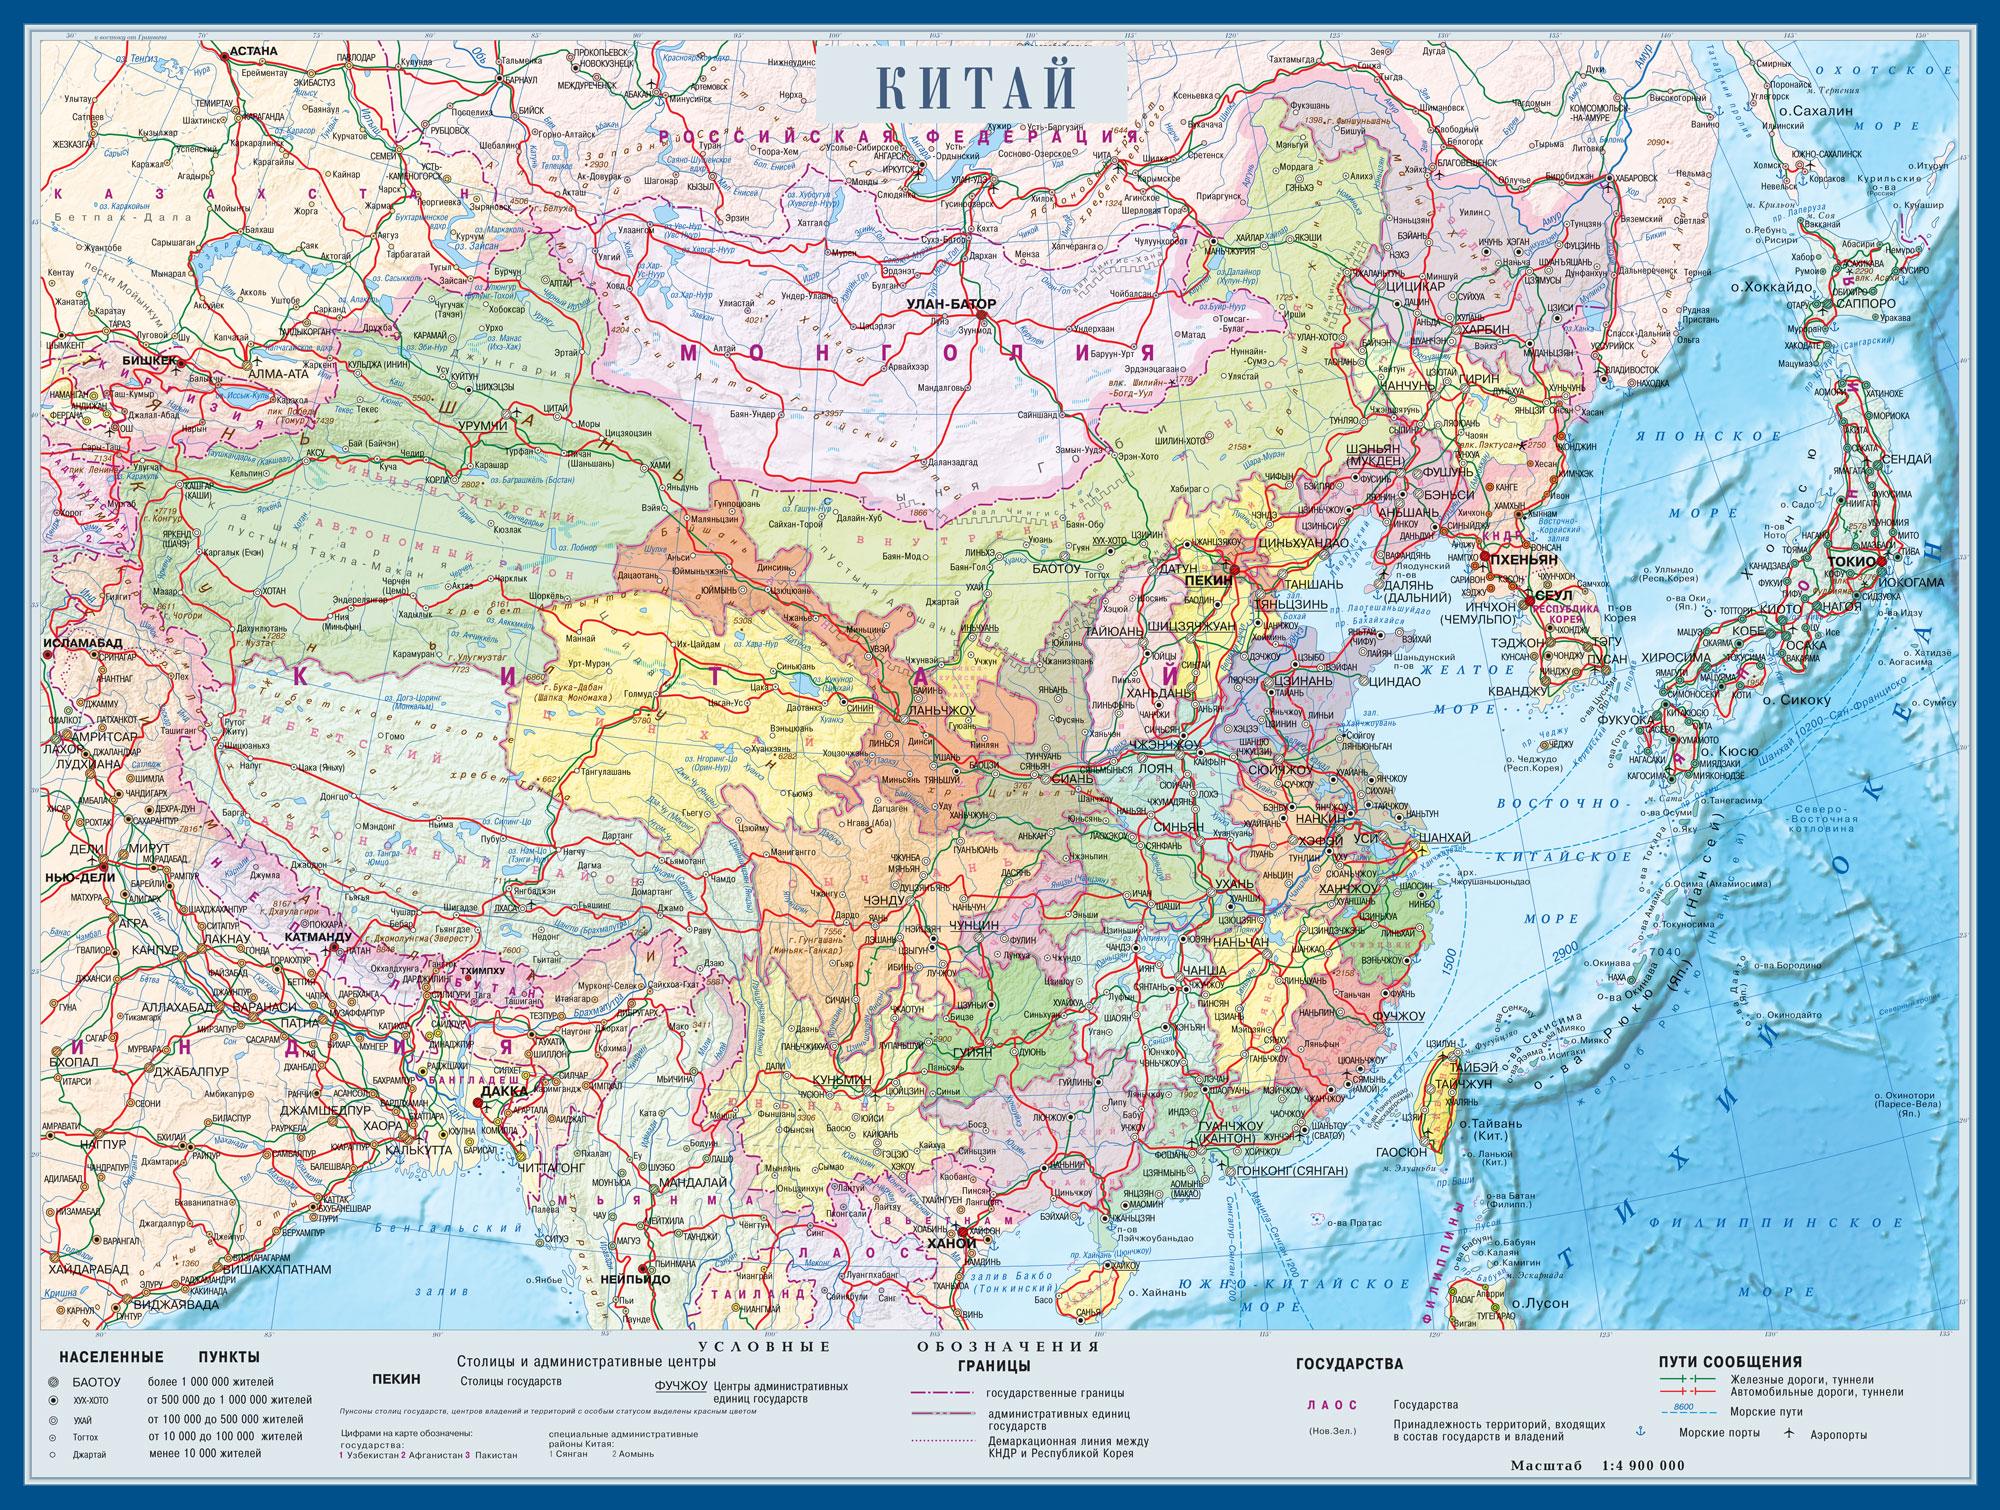 Настенная политико-административная карта Китая 1,50*1,13 м ламинированная на заказ